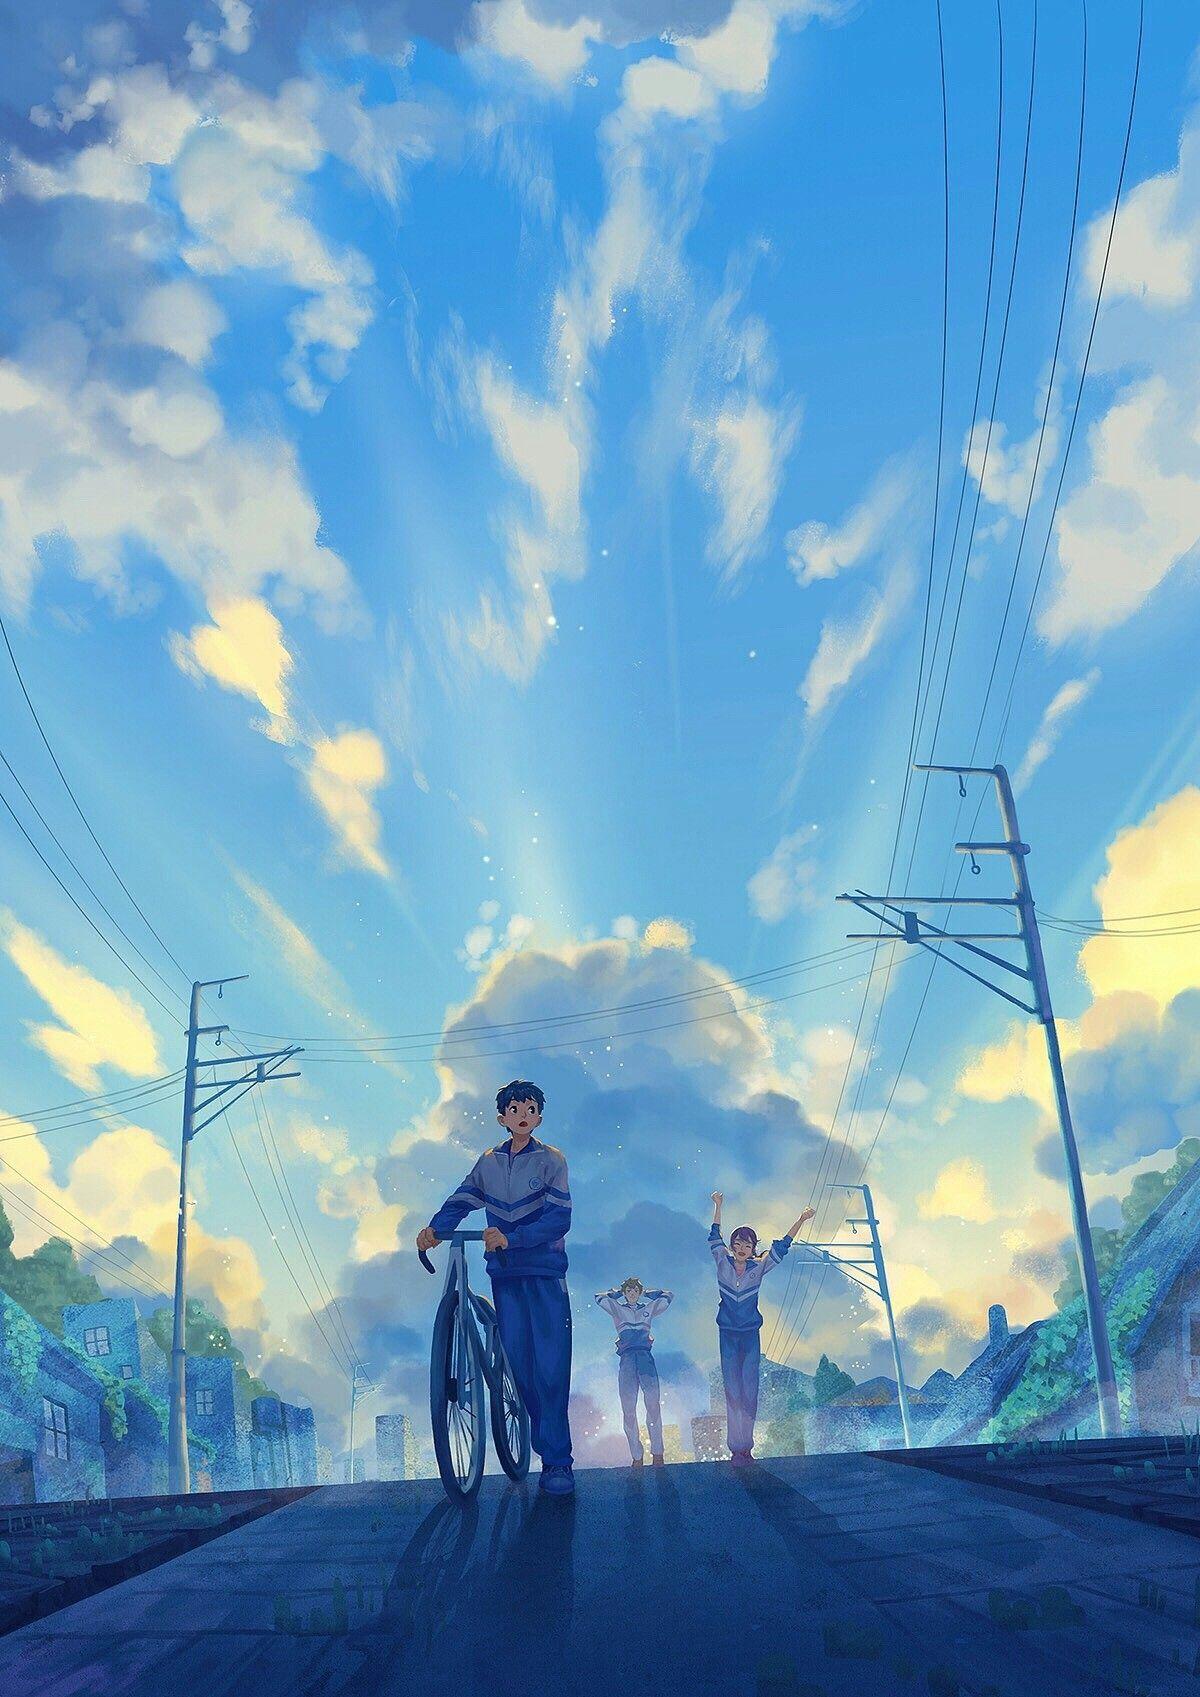 Anime Art Pemandangan Anime Pemandangan Khayalan Ilustrasi Alam